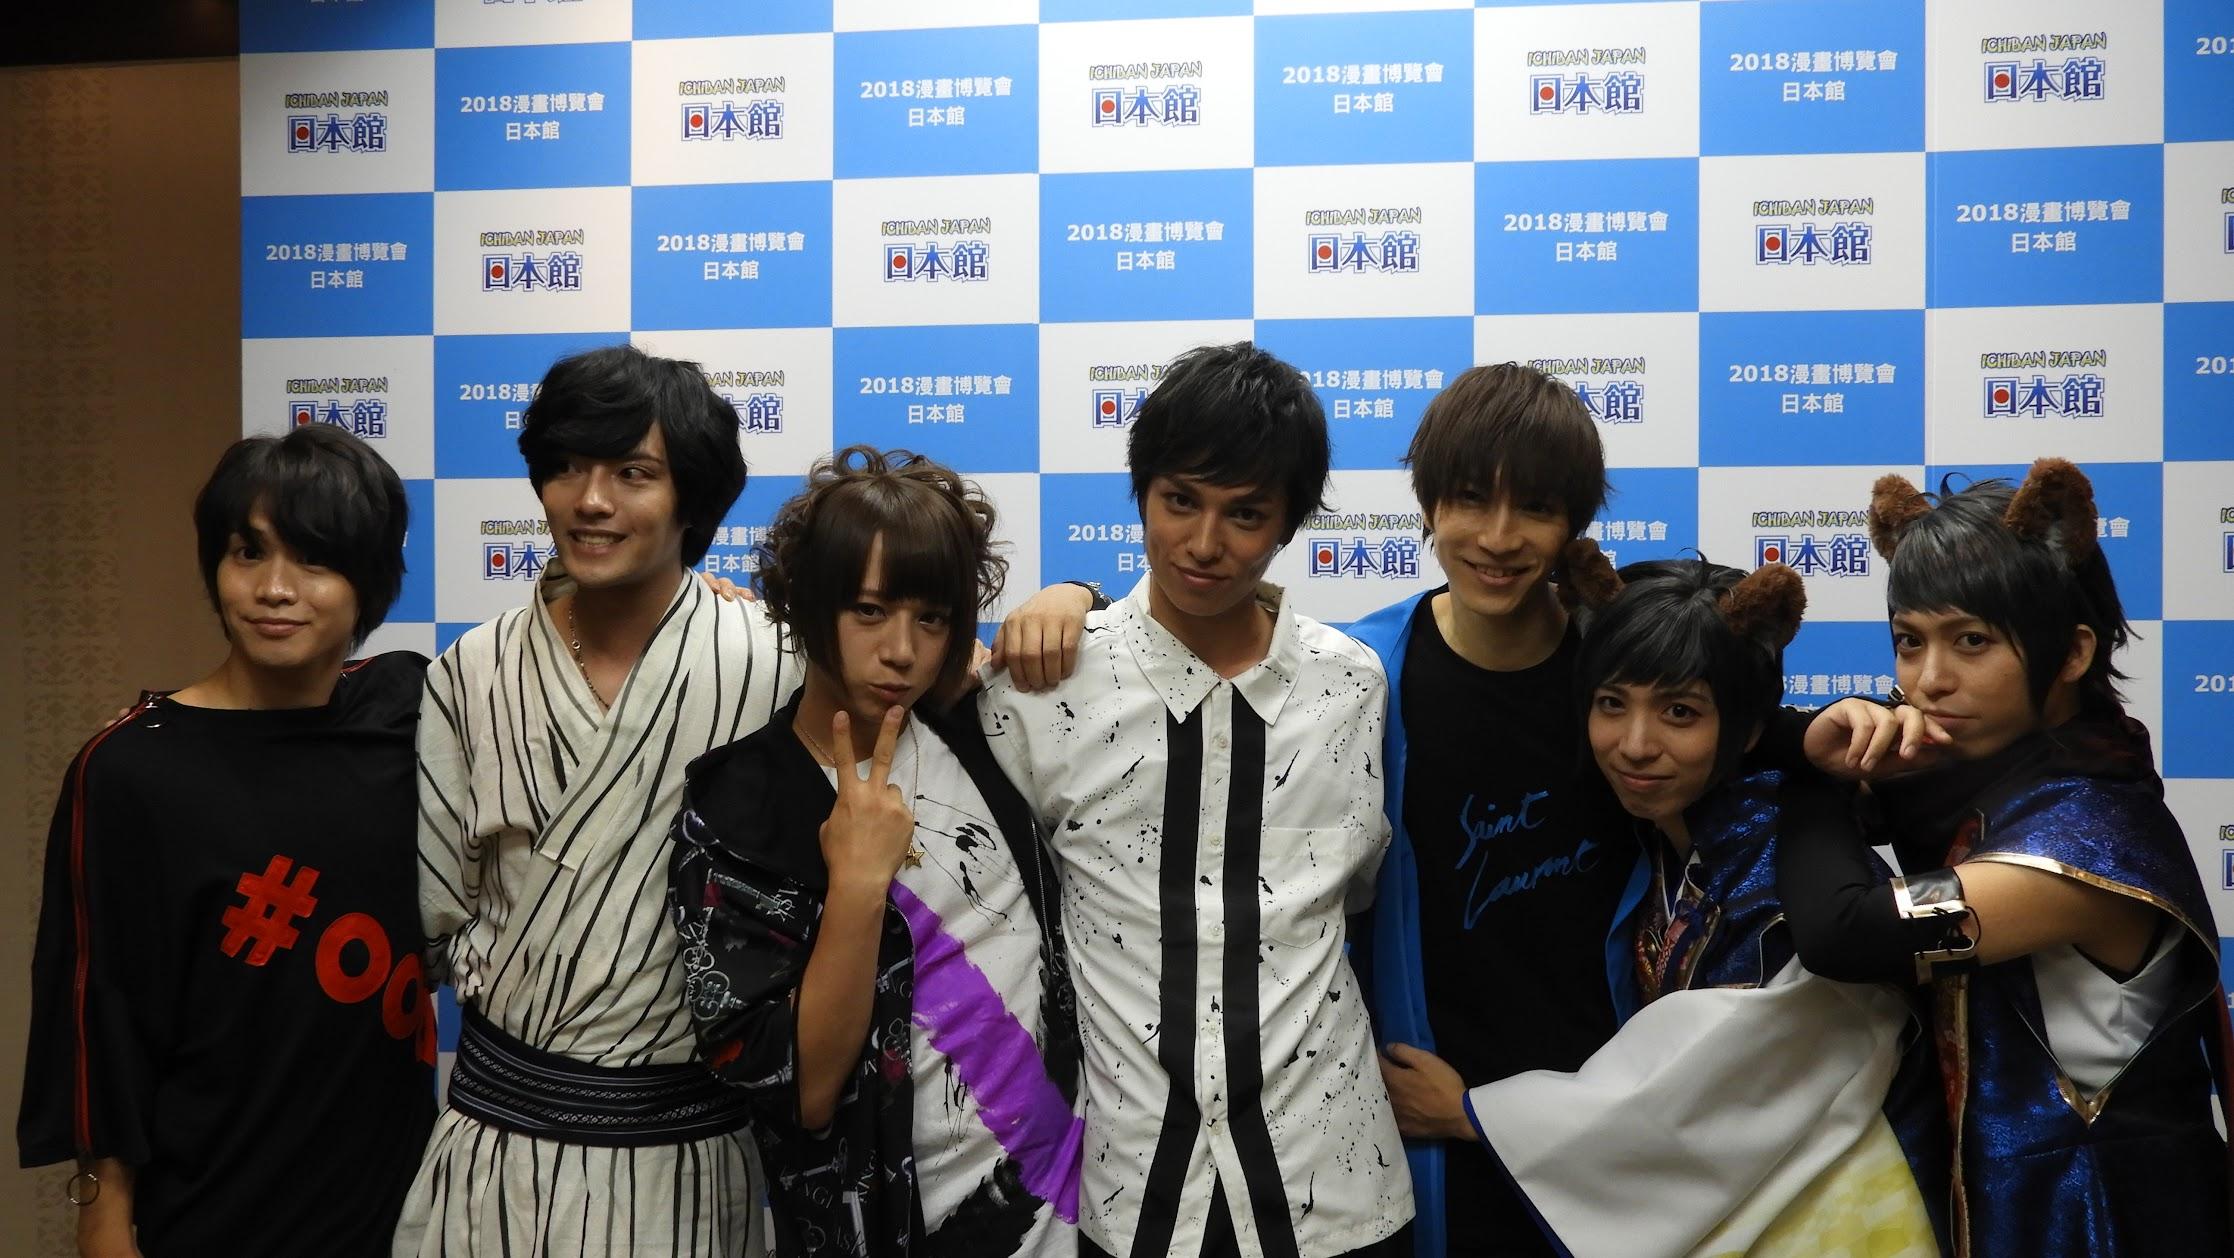 [迷迷動漫] 「月舞。」&「SQ舞台」成員初次合體登台嗨翻漫博日本館  粉絲熱情感動團員